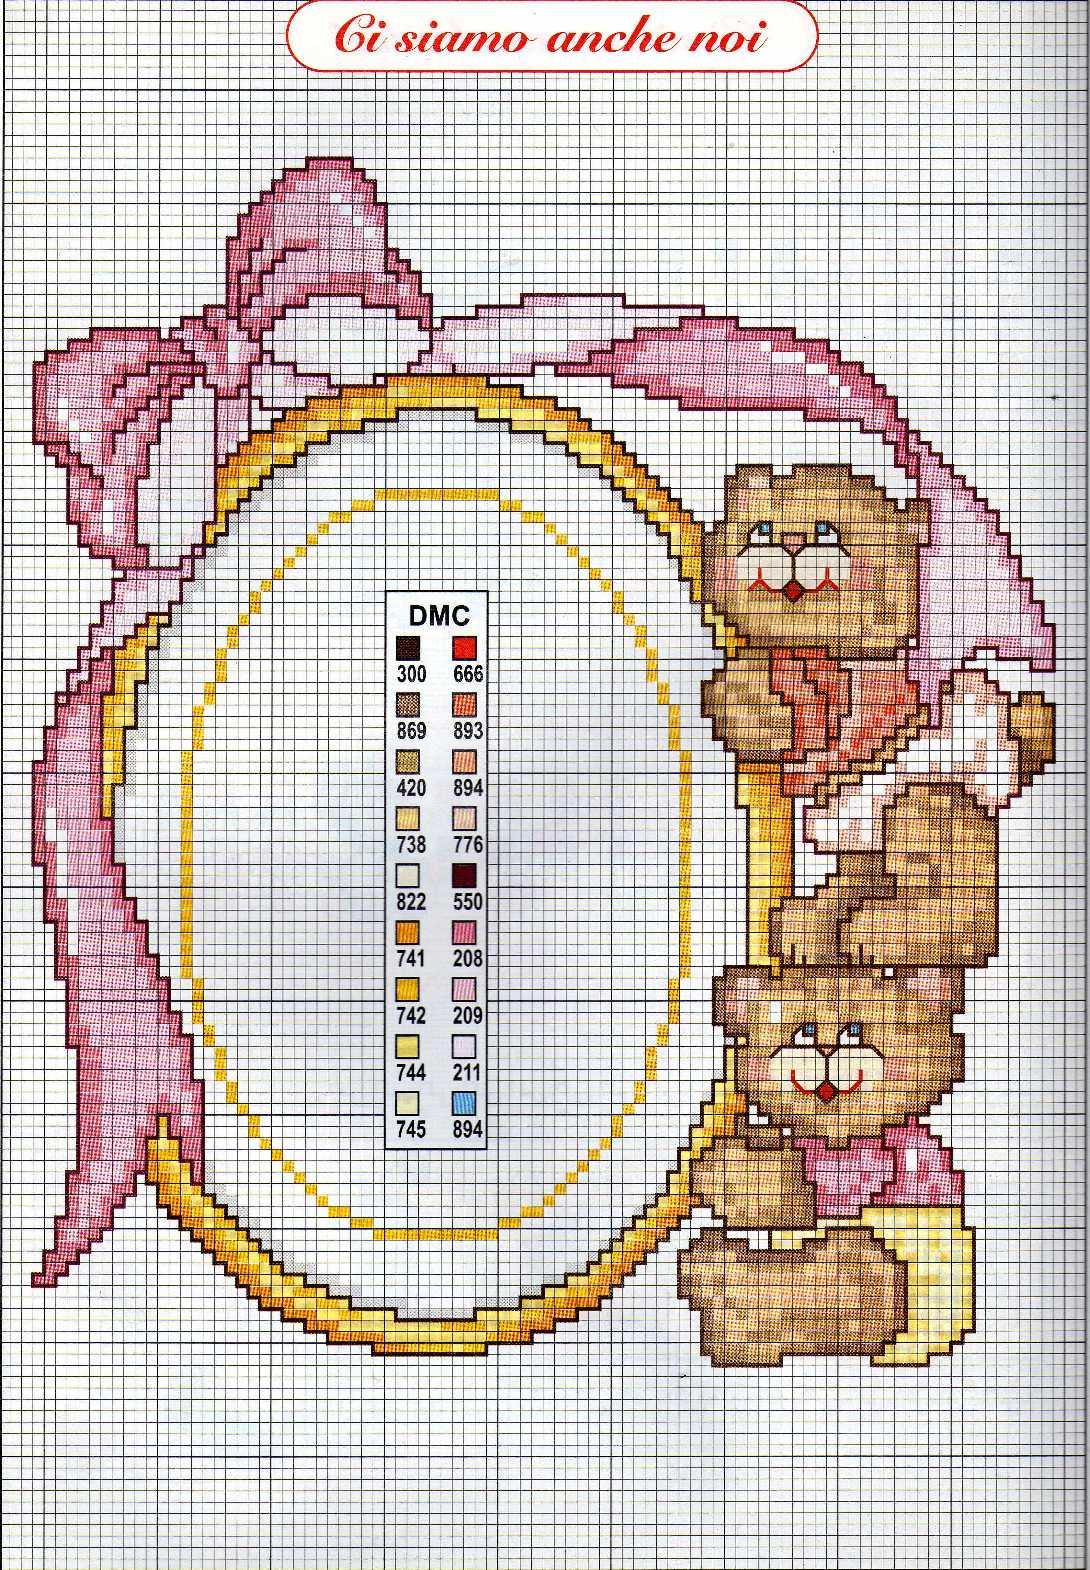 Ricami e schemi a punto croce gratuiti raccolta di schemi for Immagini punto croce per bambini